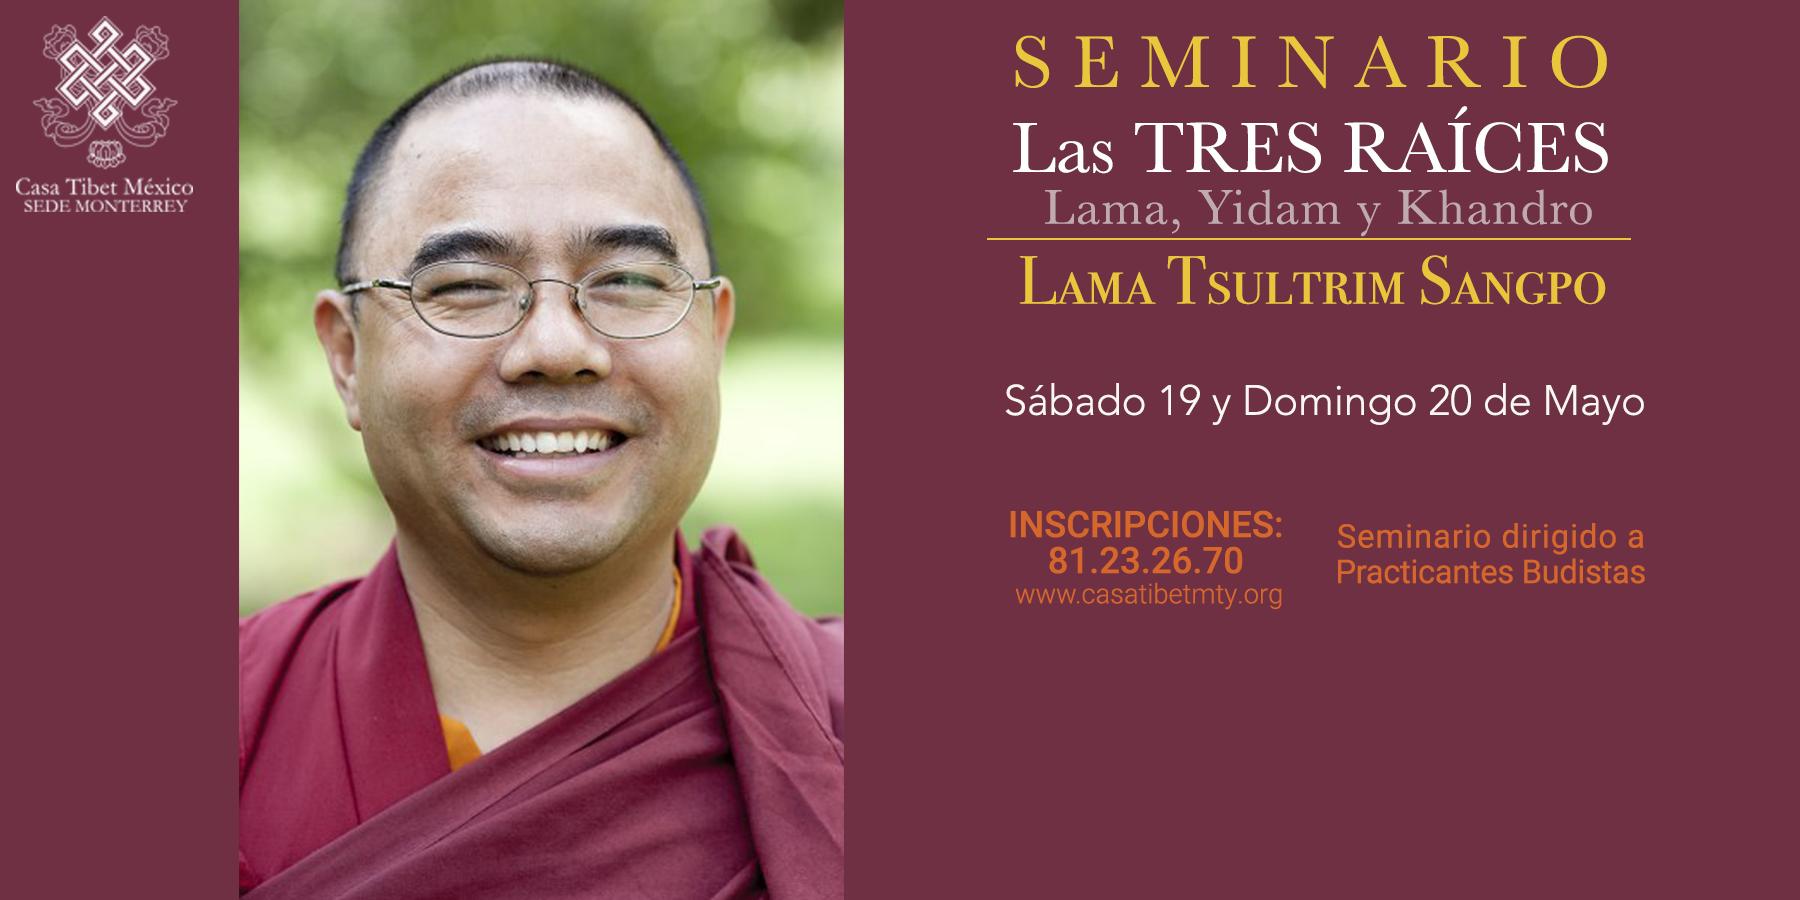 seminario lama tsultrim sangpo